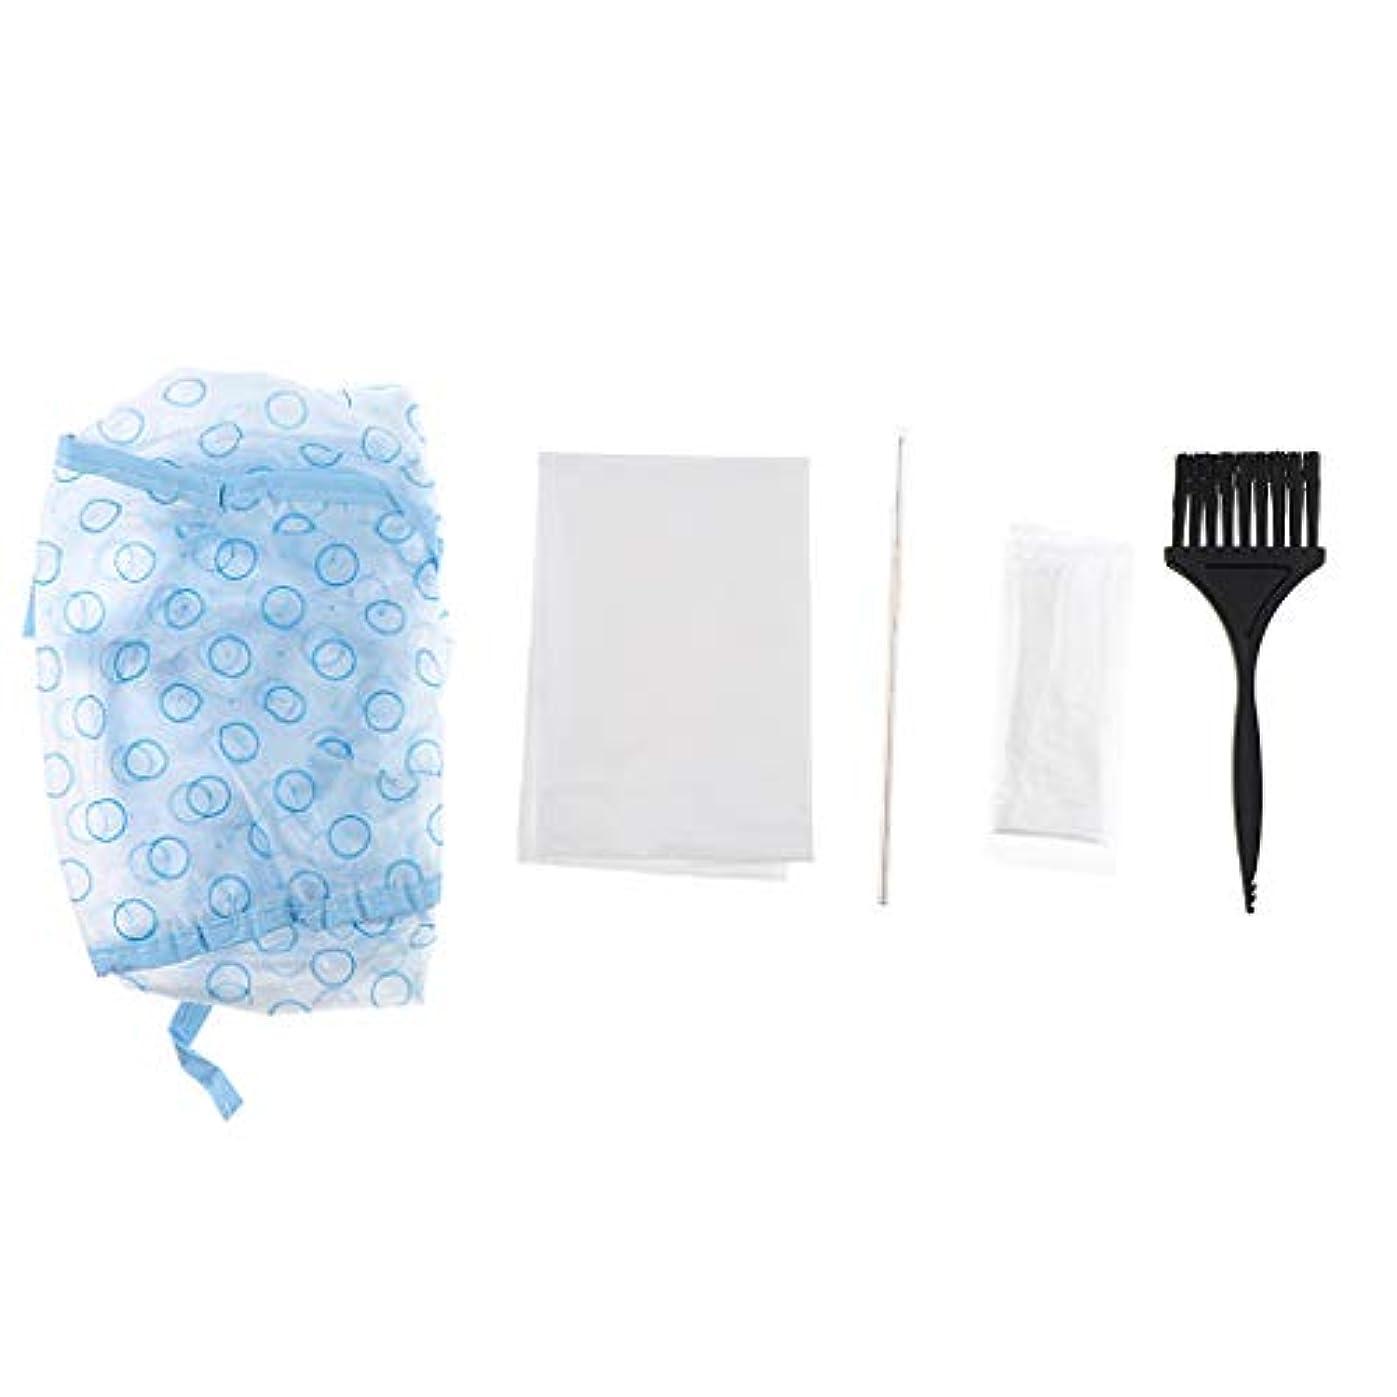 省カーペット傷つけるF Fityle ヘアダイキャップ ヘアダイブラシ キャップ 手袋 ケープ 毛染めツールセット 5個